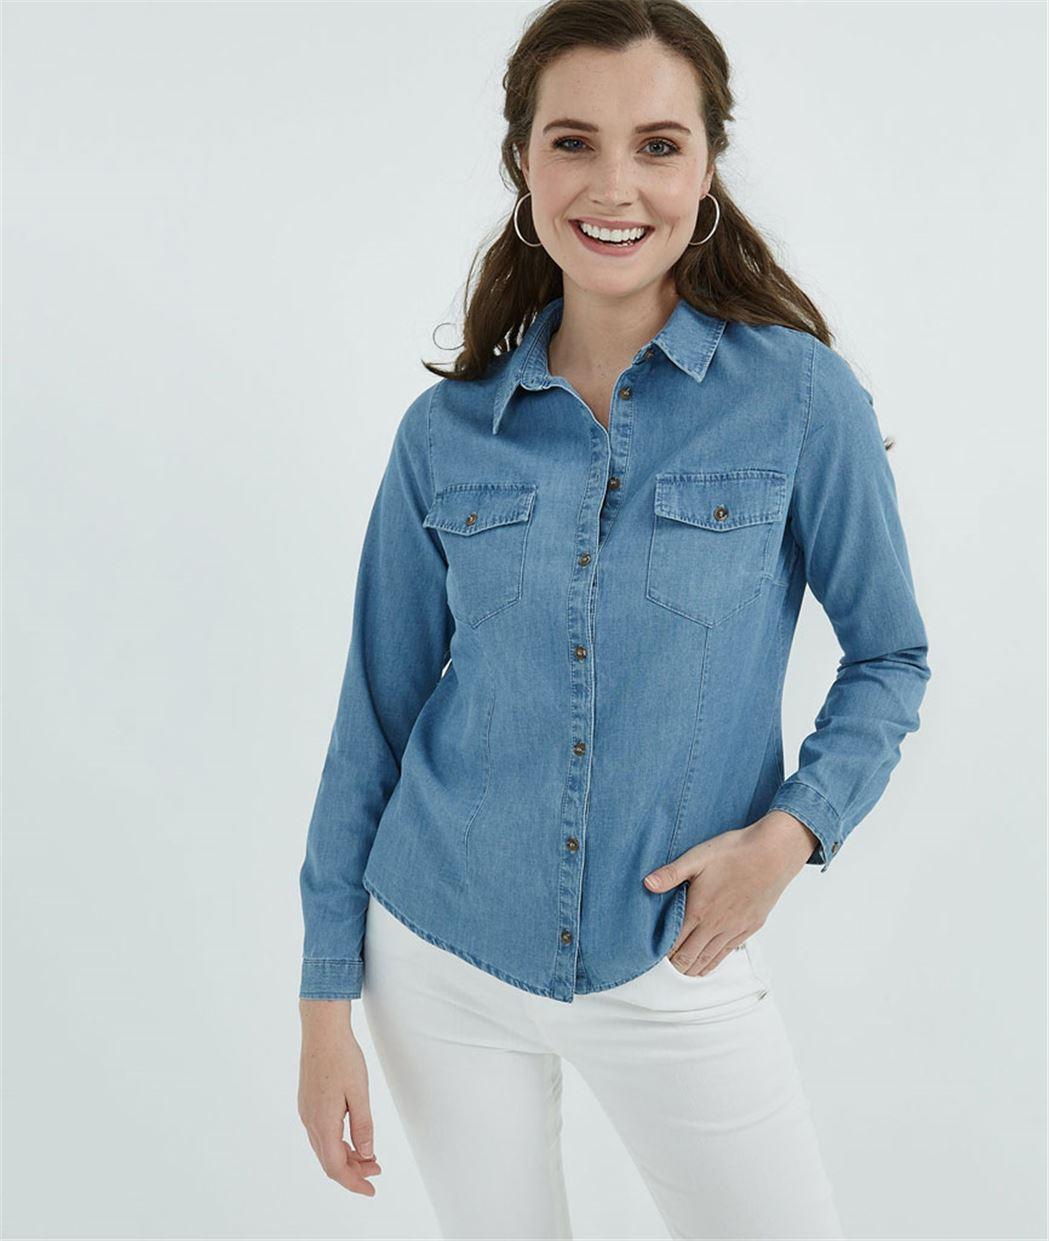 Chemise femme en jean 100% coton DENIM